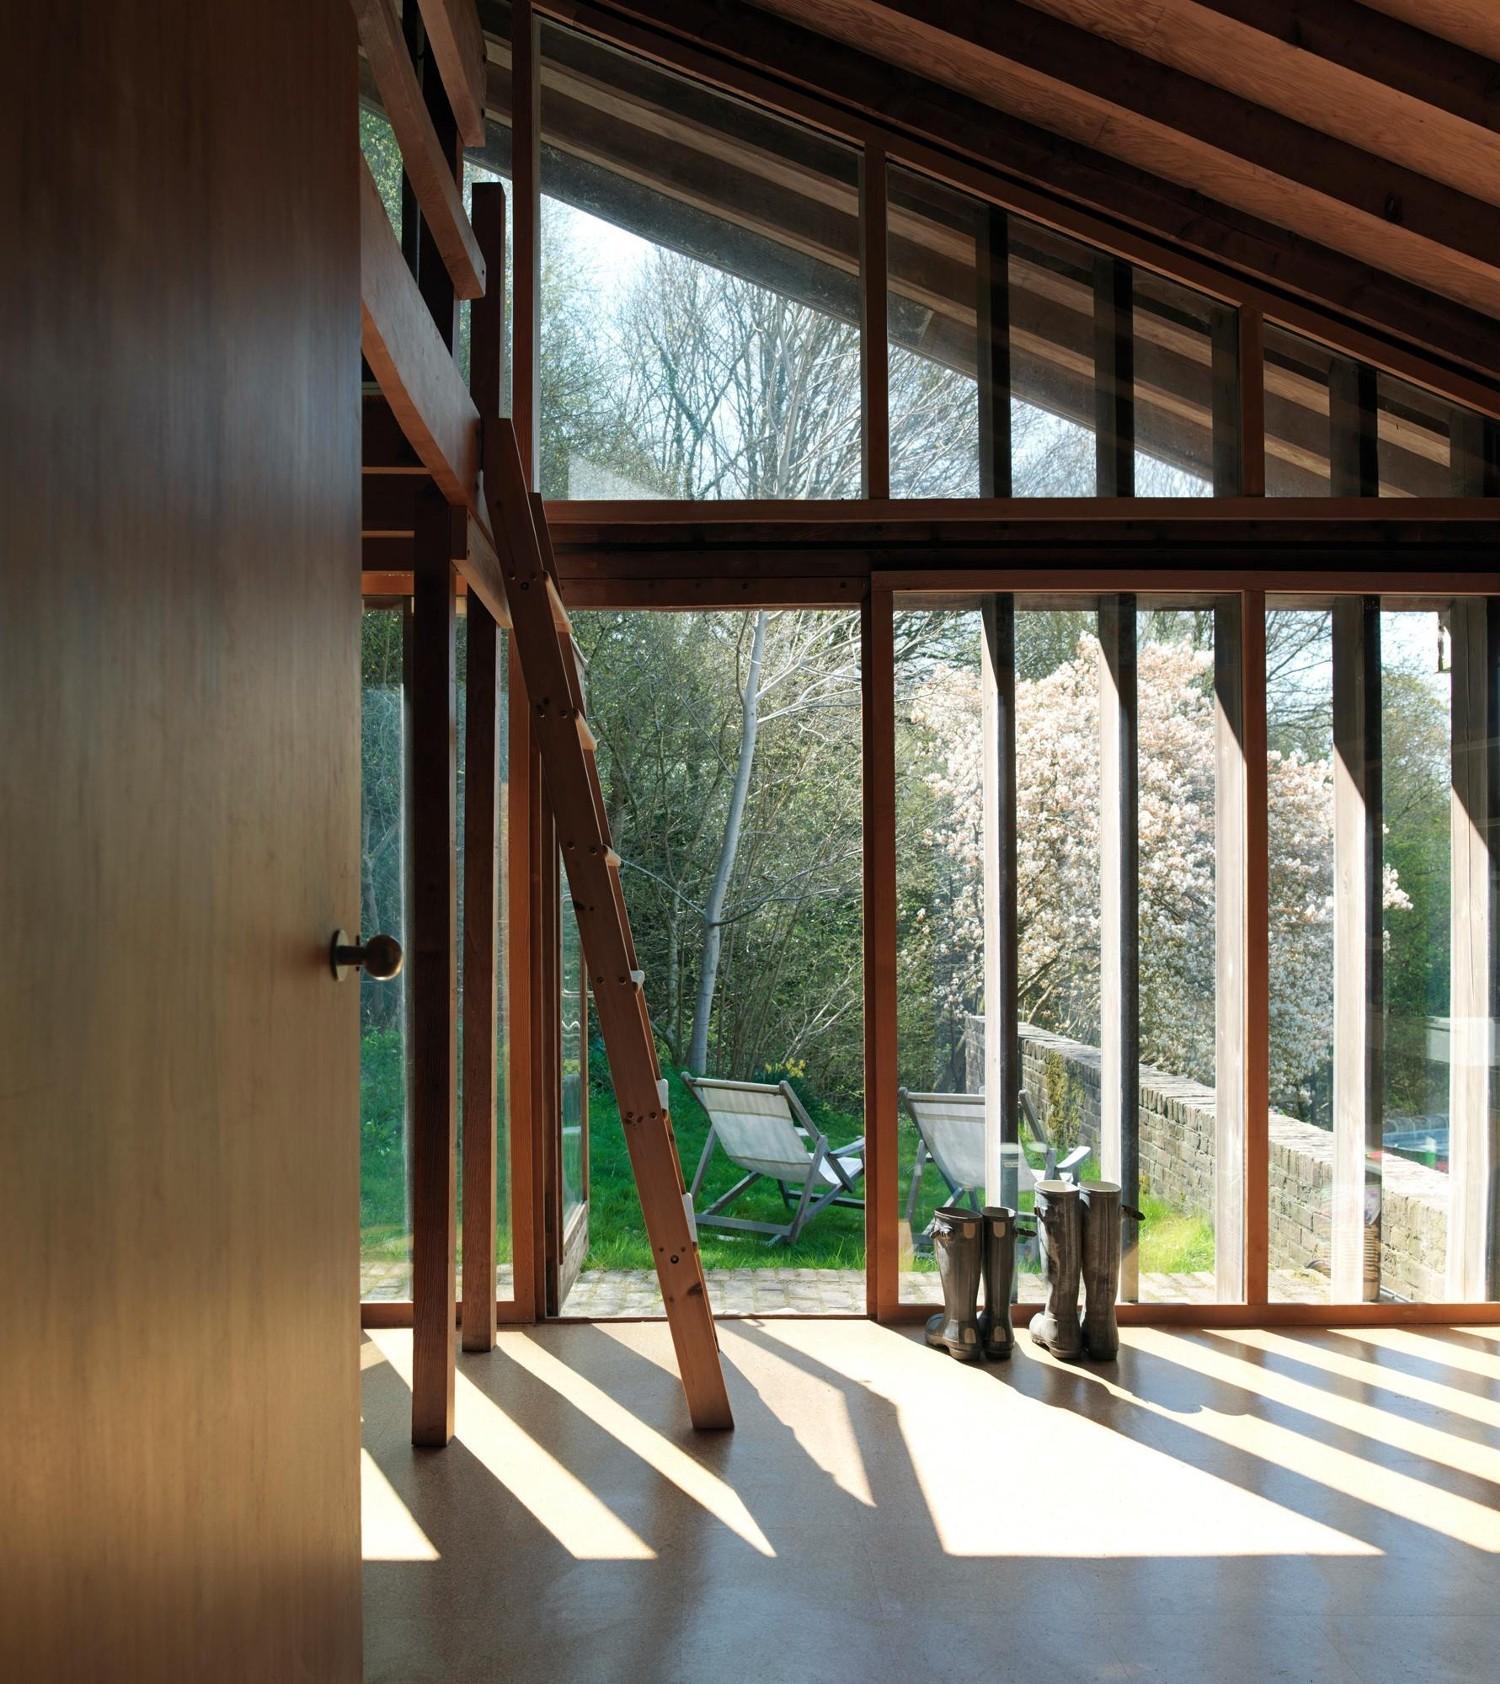 Ansty Plum стильный, минималистичный дом на юге Англии